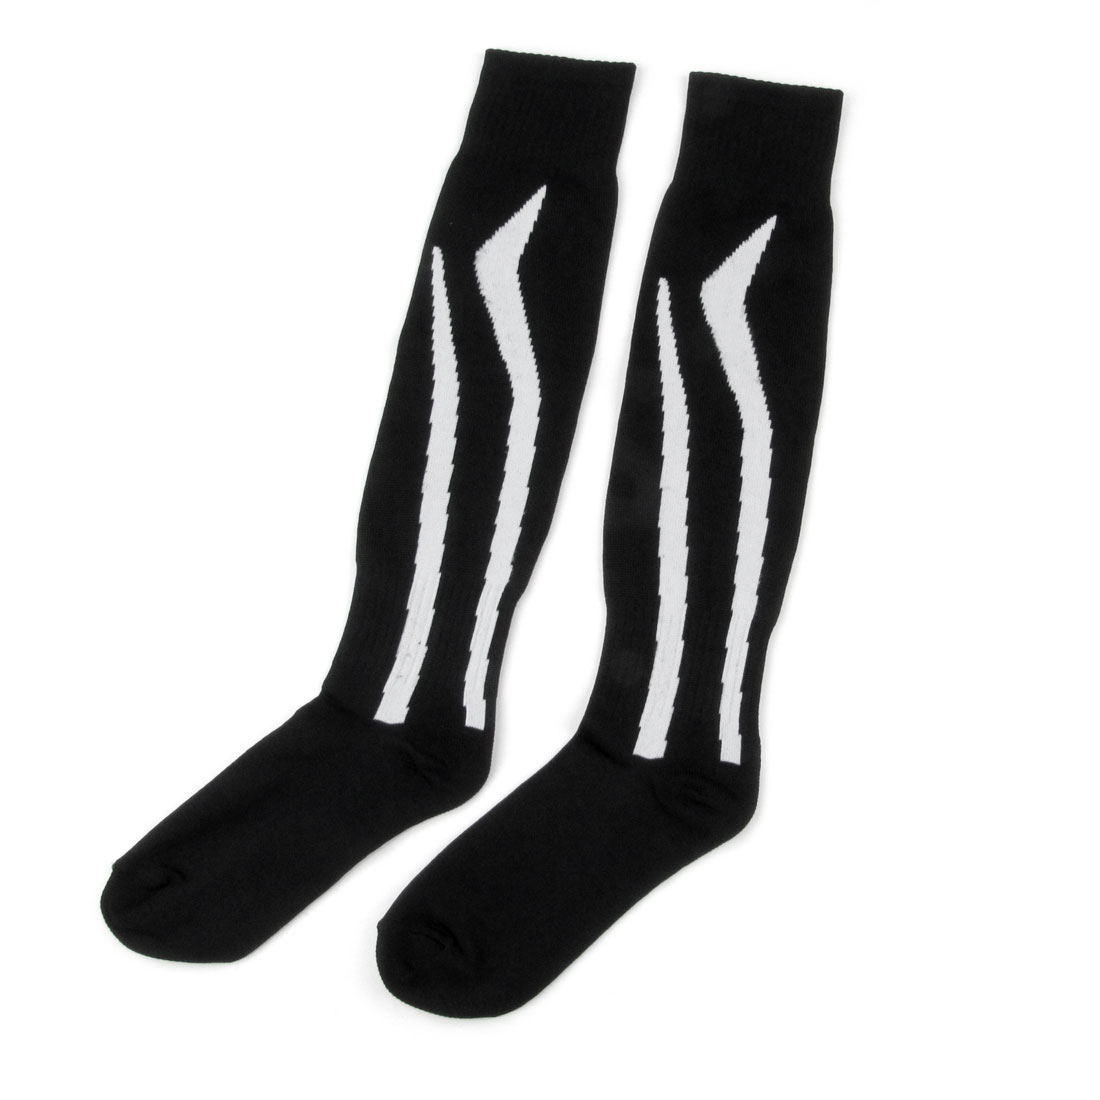 Pair White Stripe Pattern Knee High Black Football Stockings for Women Men